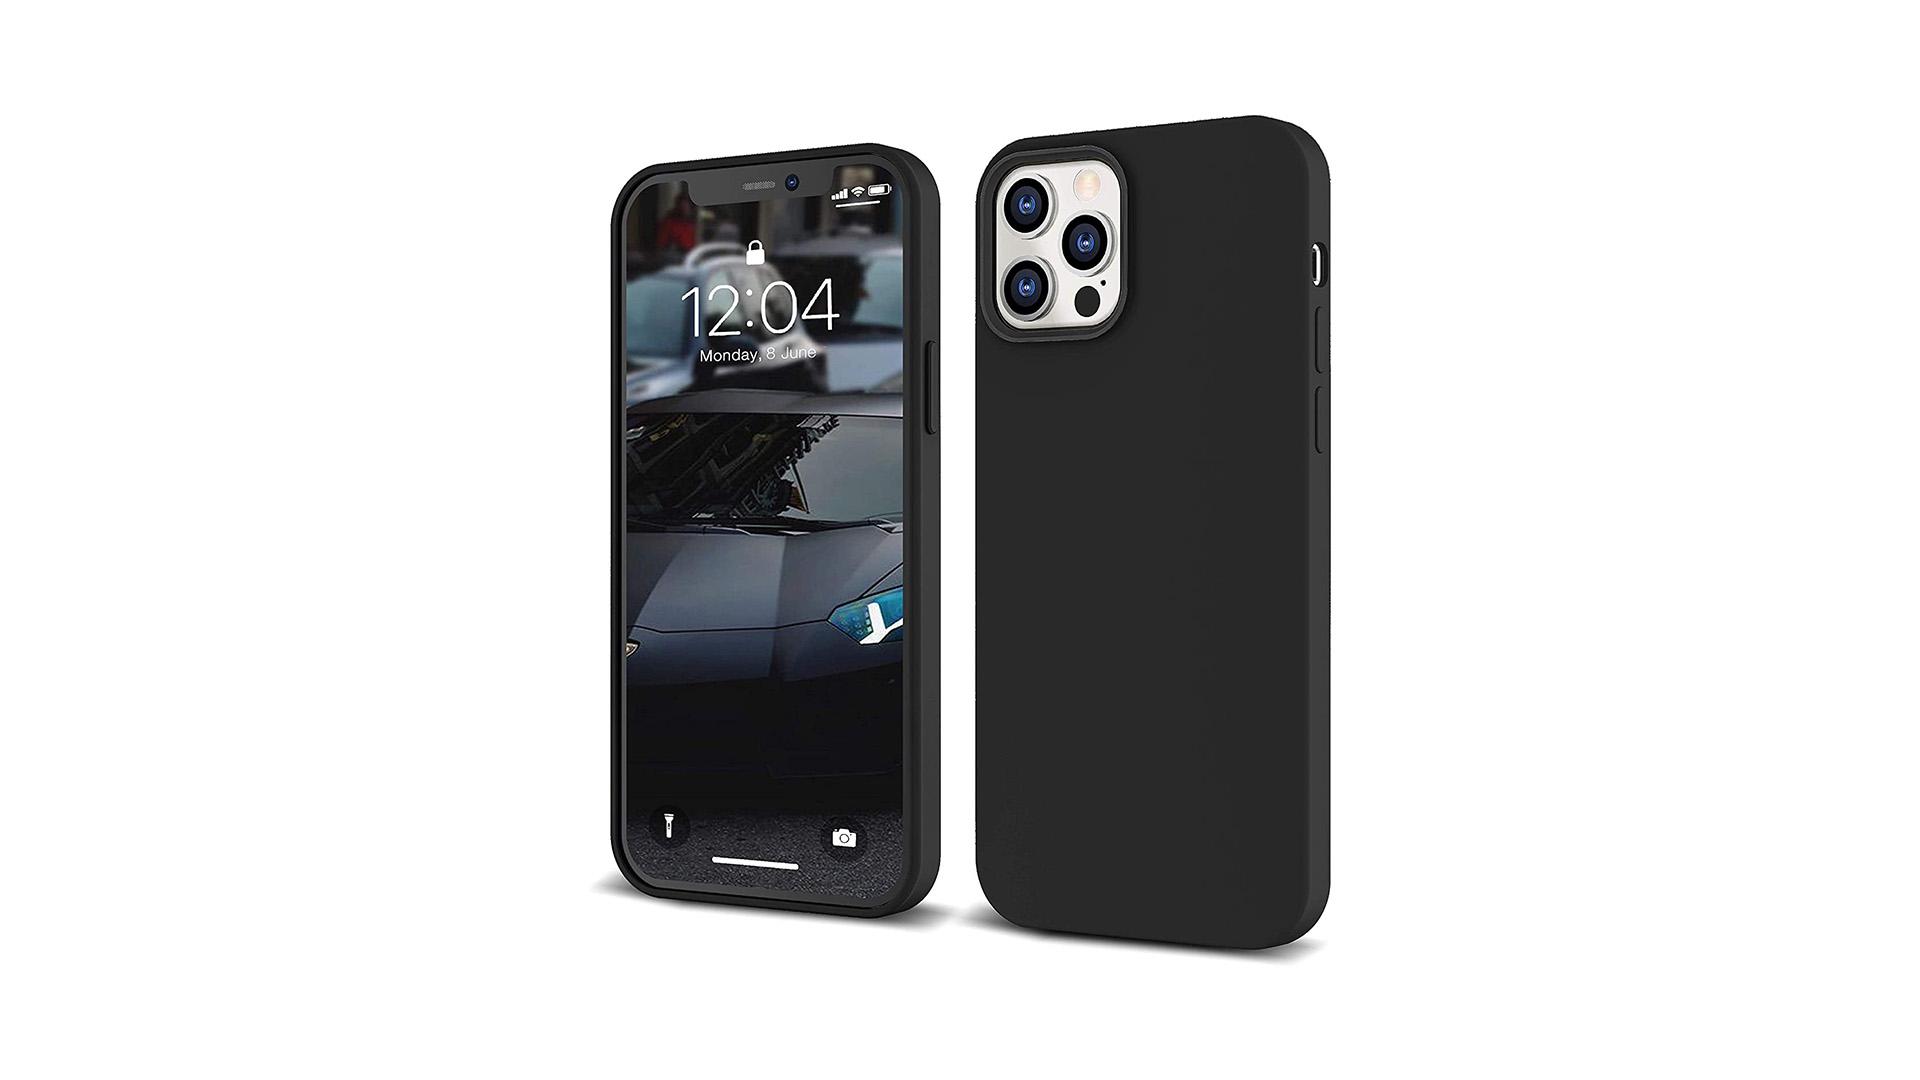 Accessoires de téléphone Silicone Coques iPhone Protection du corps Poproof Drop Doublure Soft Silicone caoutchouc 5.4inch Couverture de téléphone DH-Silicone